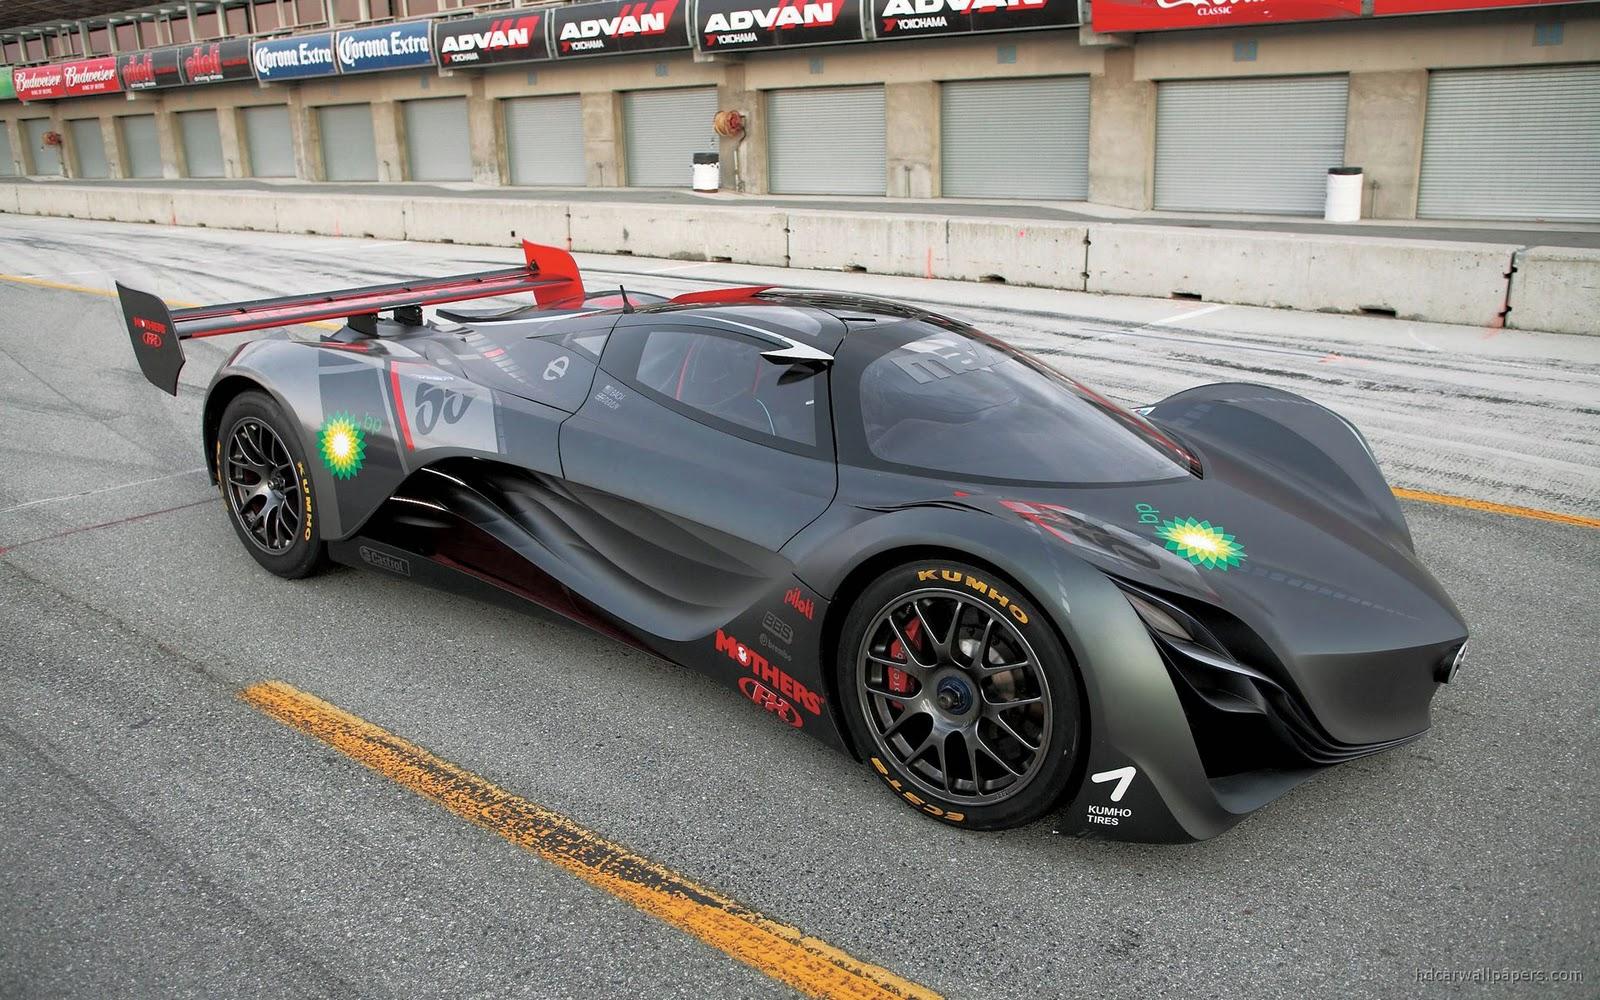 https://4.bp.blogspot.com/-aJebwwpF70c/TZamnDpifMI/AAAAAAAAAgg/whbNe3YBHhY/s1600/2008_mazda_furai_concept_car-wide.jpg